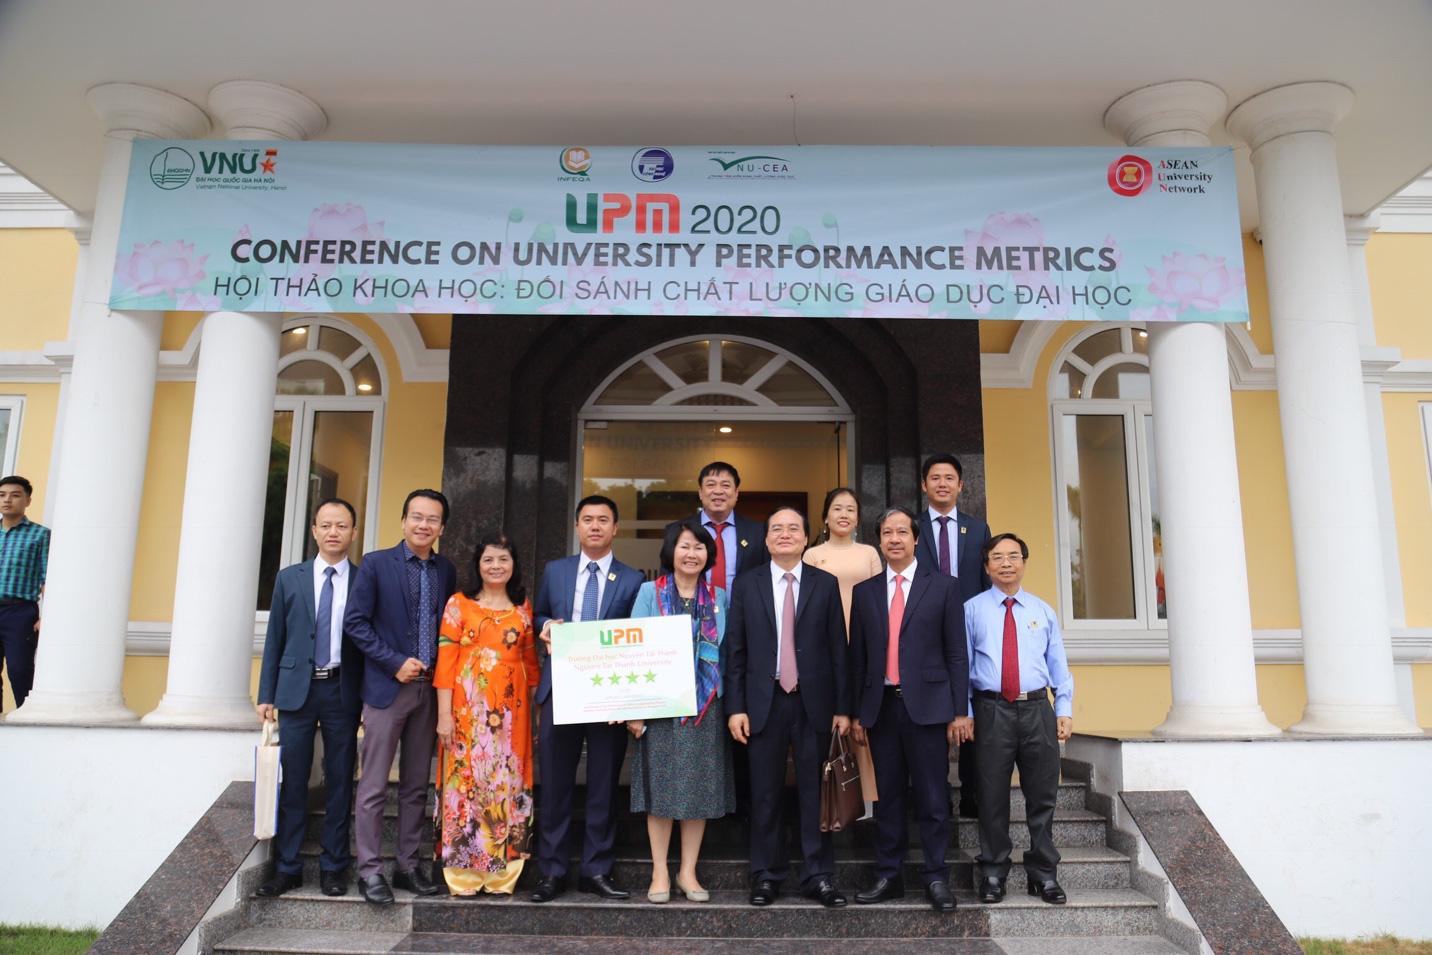 Trường ĐH Nguyễn Tất Thành: Tham gia kiểm định và xếp hạng là để đổi mới, nâng cao vị thế và chất lượng đào tạo - Ảnh 5.